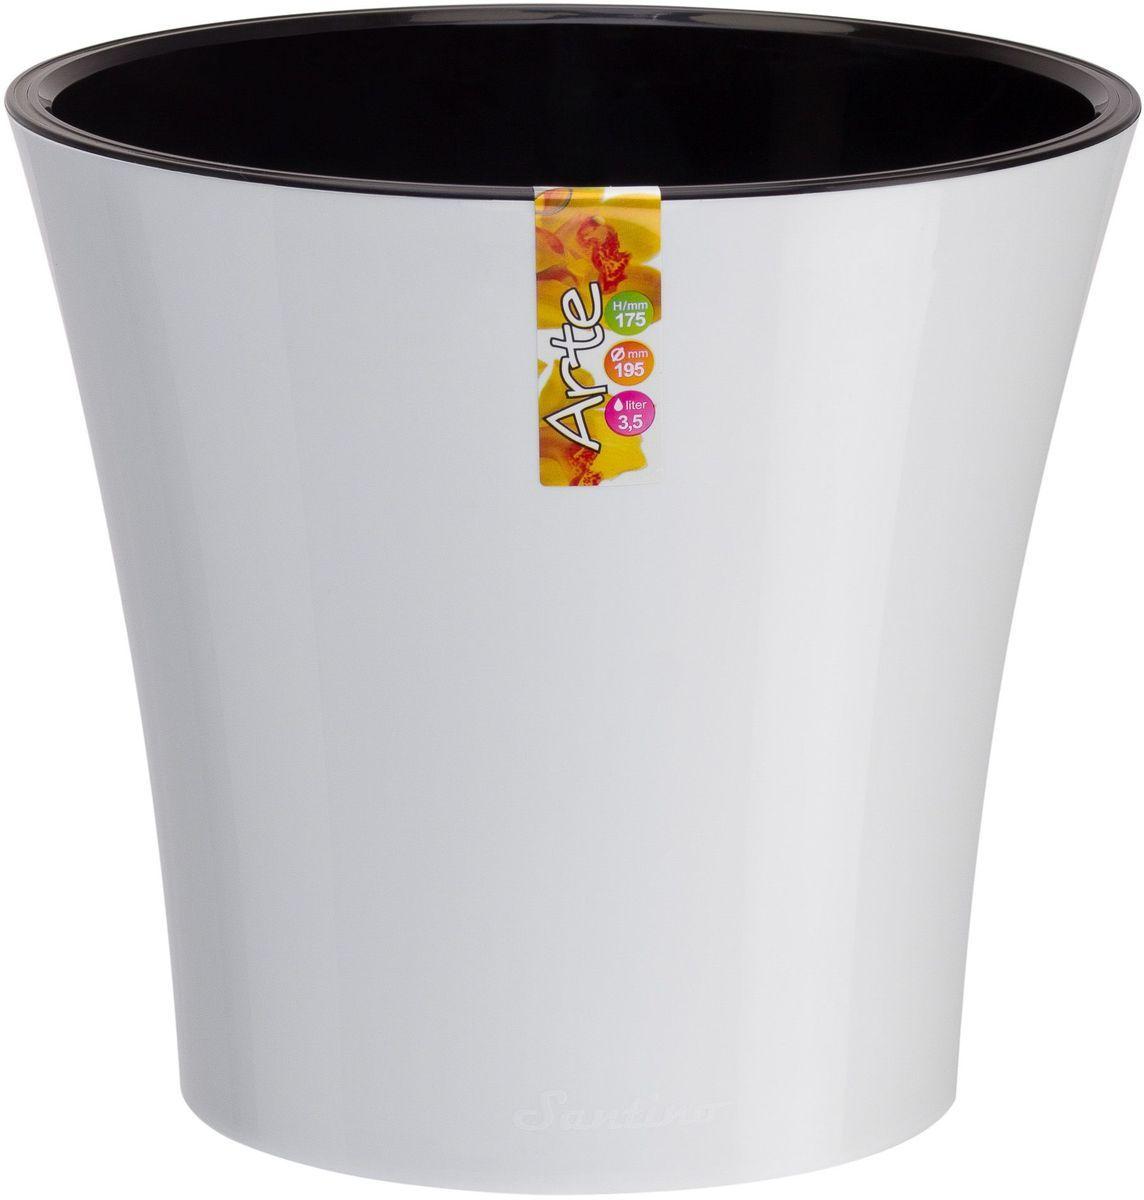 Горшок цветочный Santino Арте, двойной, с системой автополива, цвет: белый, черный, 2 л4612754052561Горшок цветочный Santino Арте снабжен дренажной системой и состоит из кашпо и вазона-вкладыша. Изготовлен из пластика.Особенность: тарелочка или блюдце не нужны.Горшок предназначен для любых растений или цветов.Цветочный дренаж – это система, которая позволяет выводить лишнюю влагу через корневую систему цветка и слой почвы. Растение – это живой организм, следовательно, ему необходимо дышать. В доступе к кислороду нуждаются все части растения:-листья;-корневая система.Если цветовод по какой-либо причине зальет цветок водой, то она буквально вытеснит из почвенного слоя все пузырьки кислорода. Анаэробная среда способствует развитию различного рода бактерий. Безвоздушная среда приводит к загниванию корневой системы, цветок в результате увядает.Суть работы дренажной системы заключается в том, чтобы осуществлять отвод лишней влаги от растения и давать возможность корневой системе дышать без проблем. Следовательно, каждому цветку необходимо:-иметь в основании цветочного горшочка хотя бы одно небольшое дренажное отверстие. Оно необходимо для того, чтобы через него выходила лишняя вода, плюс ко всему это отверстие дает возможность циркулировать воздух.-на самом дне горшка необходимо выложить слоем в 2-5 см (зависит от вида растения) дренаж.УВАЖАЕМЫЕ КЛИЕНТЫ!Обращаем ваше внимание на тот факт, что фото изделия служит для визуального восприятия товара. Литраж и размеры, представленные на этикетке товара, могут по факту отличаться от реальных. Корректные данные в поле Размеры.